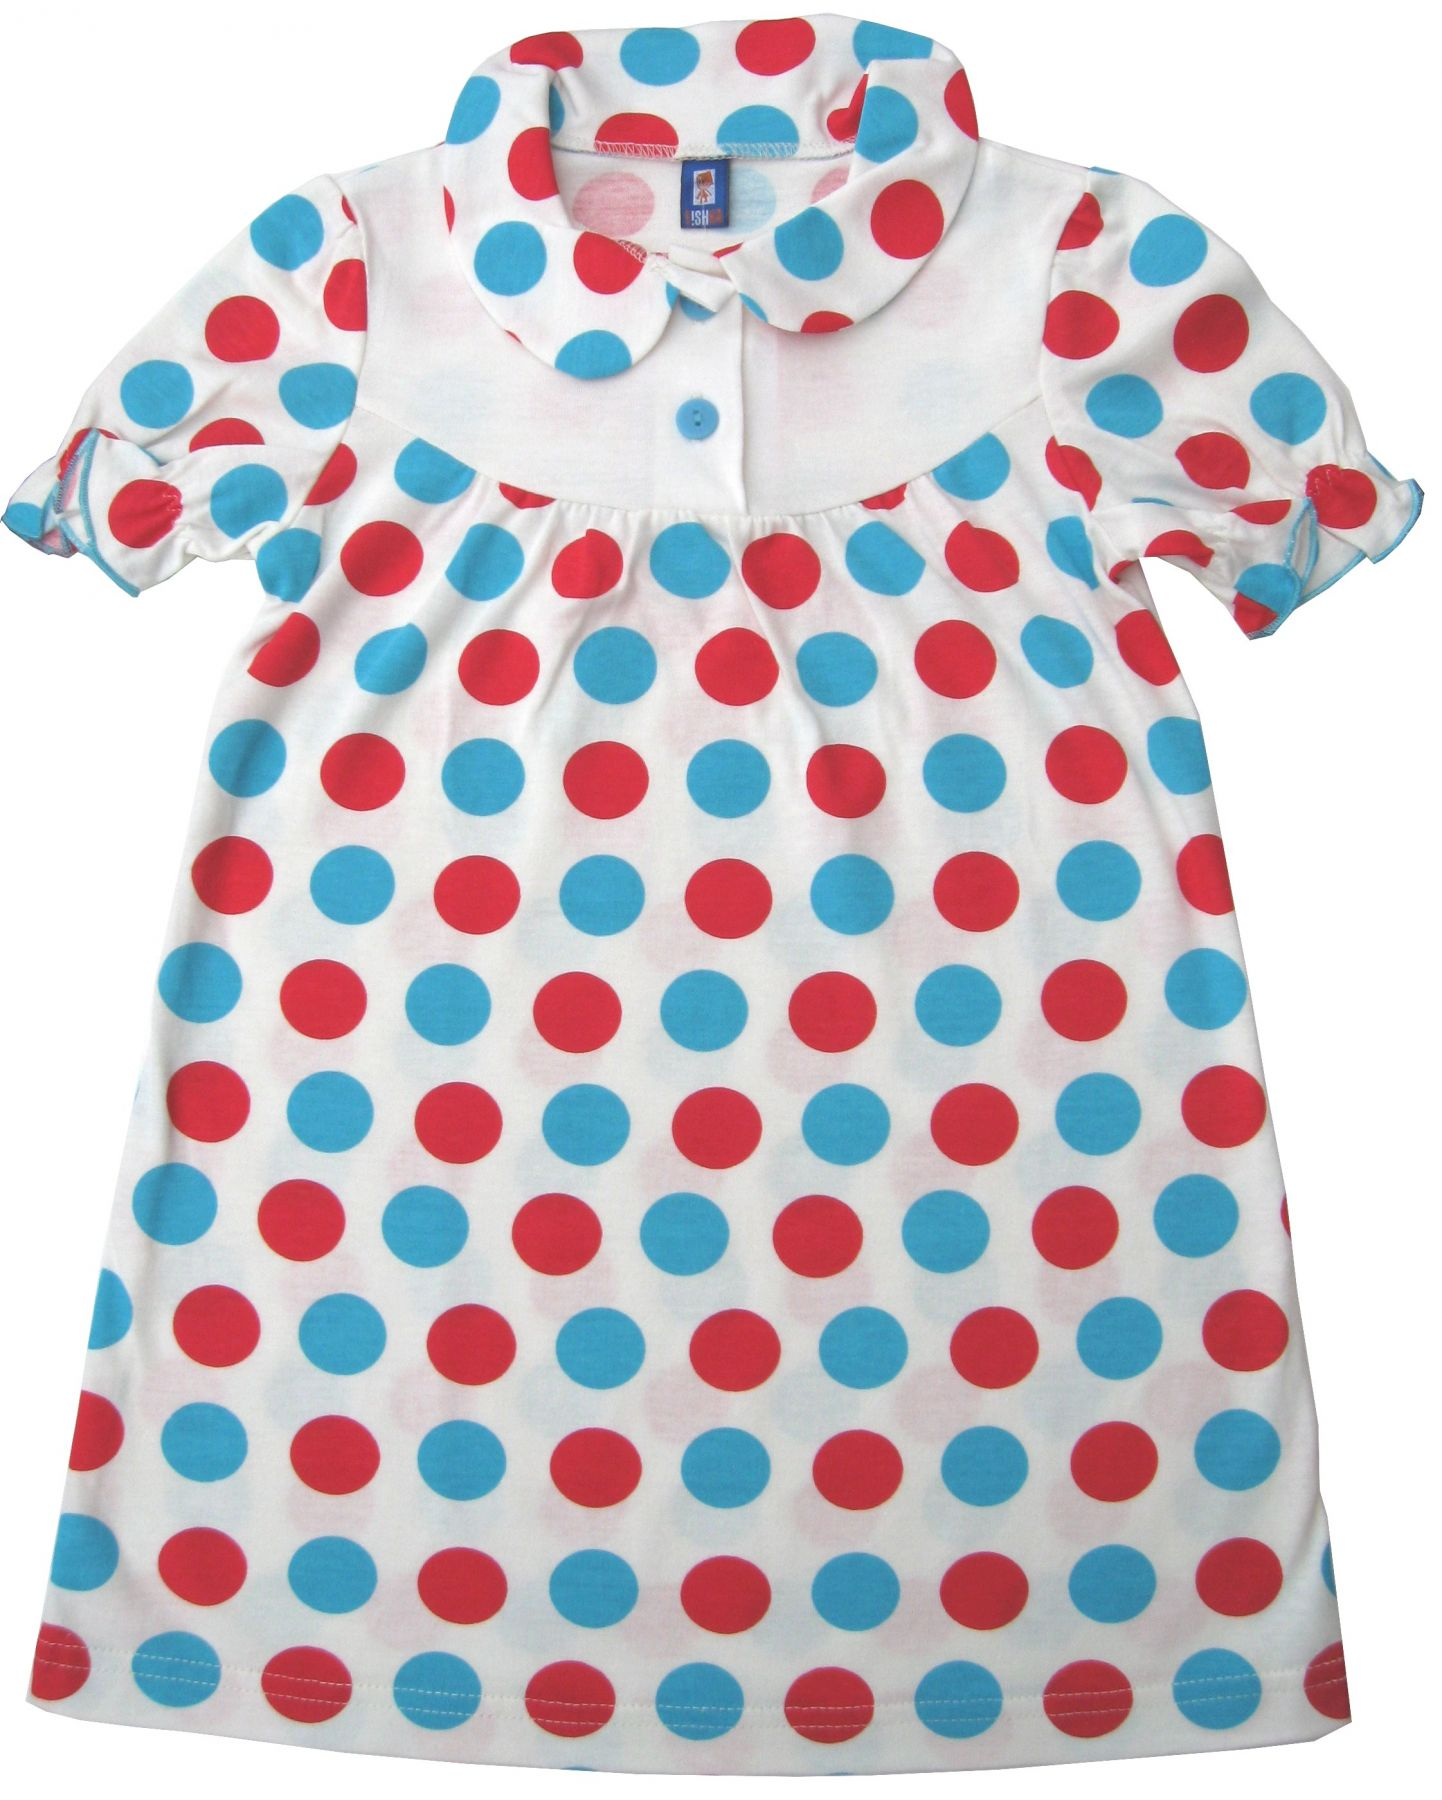 9dbc274bd4a Купить красивое детское платье